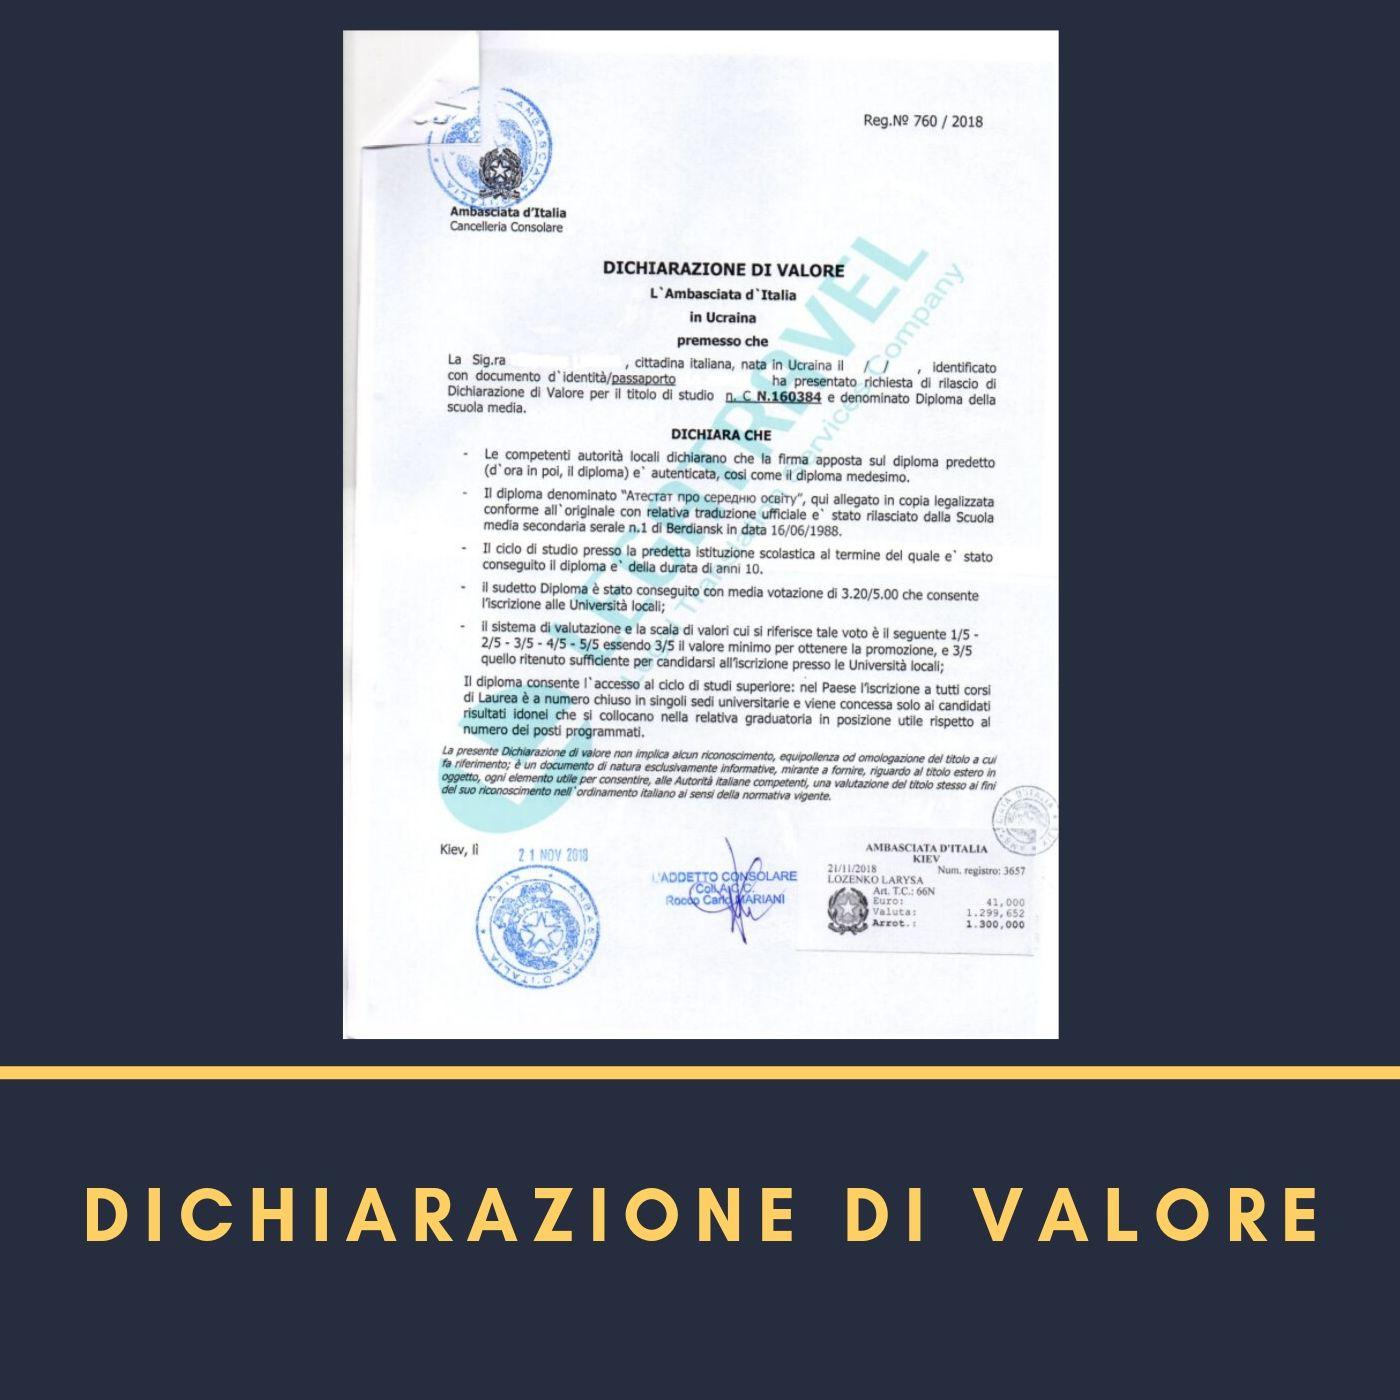 Dichiarazione di valore